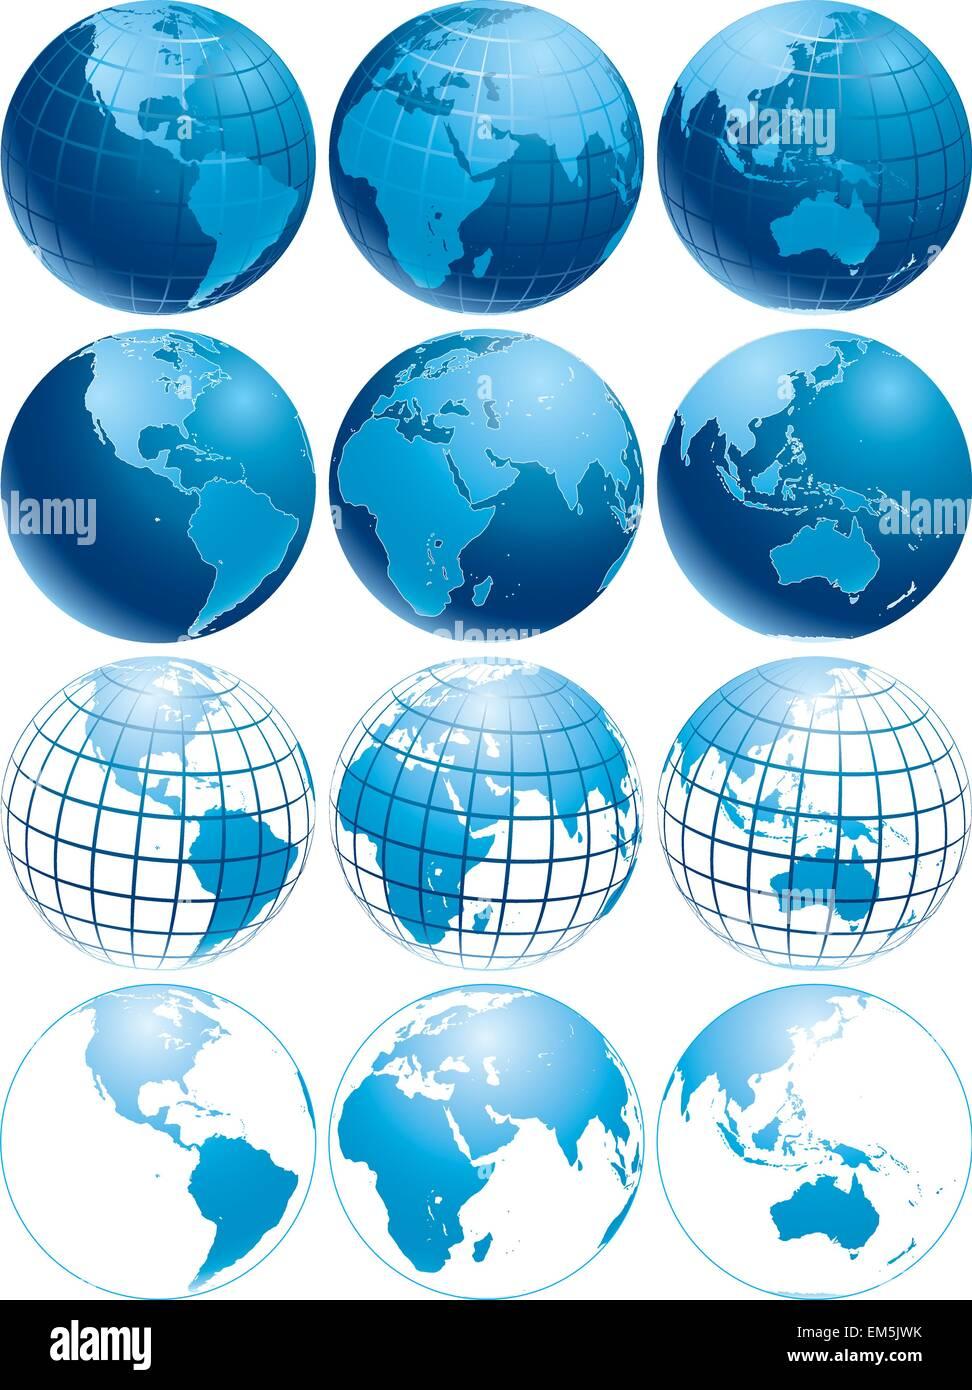 Vektor-Illustration von drei verschiedenen glänzenden blauen Erde Globen mit unterschiedlichen aussehen Stockbild